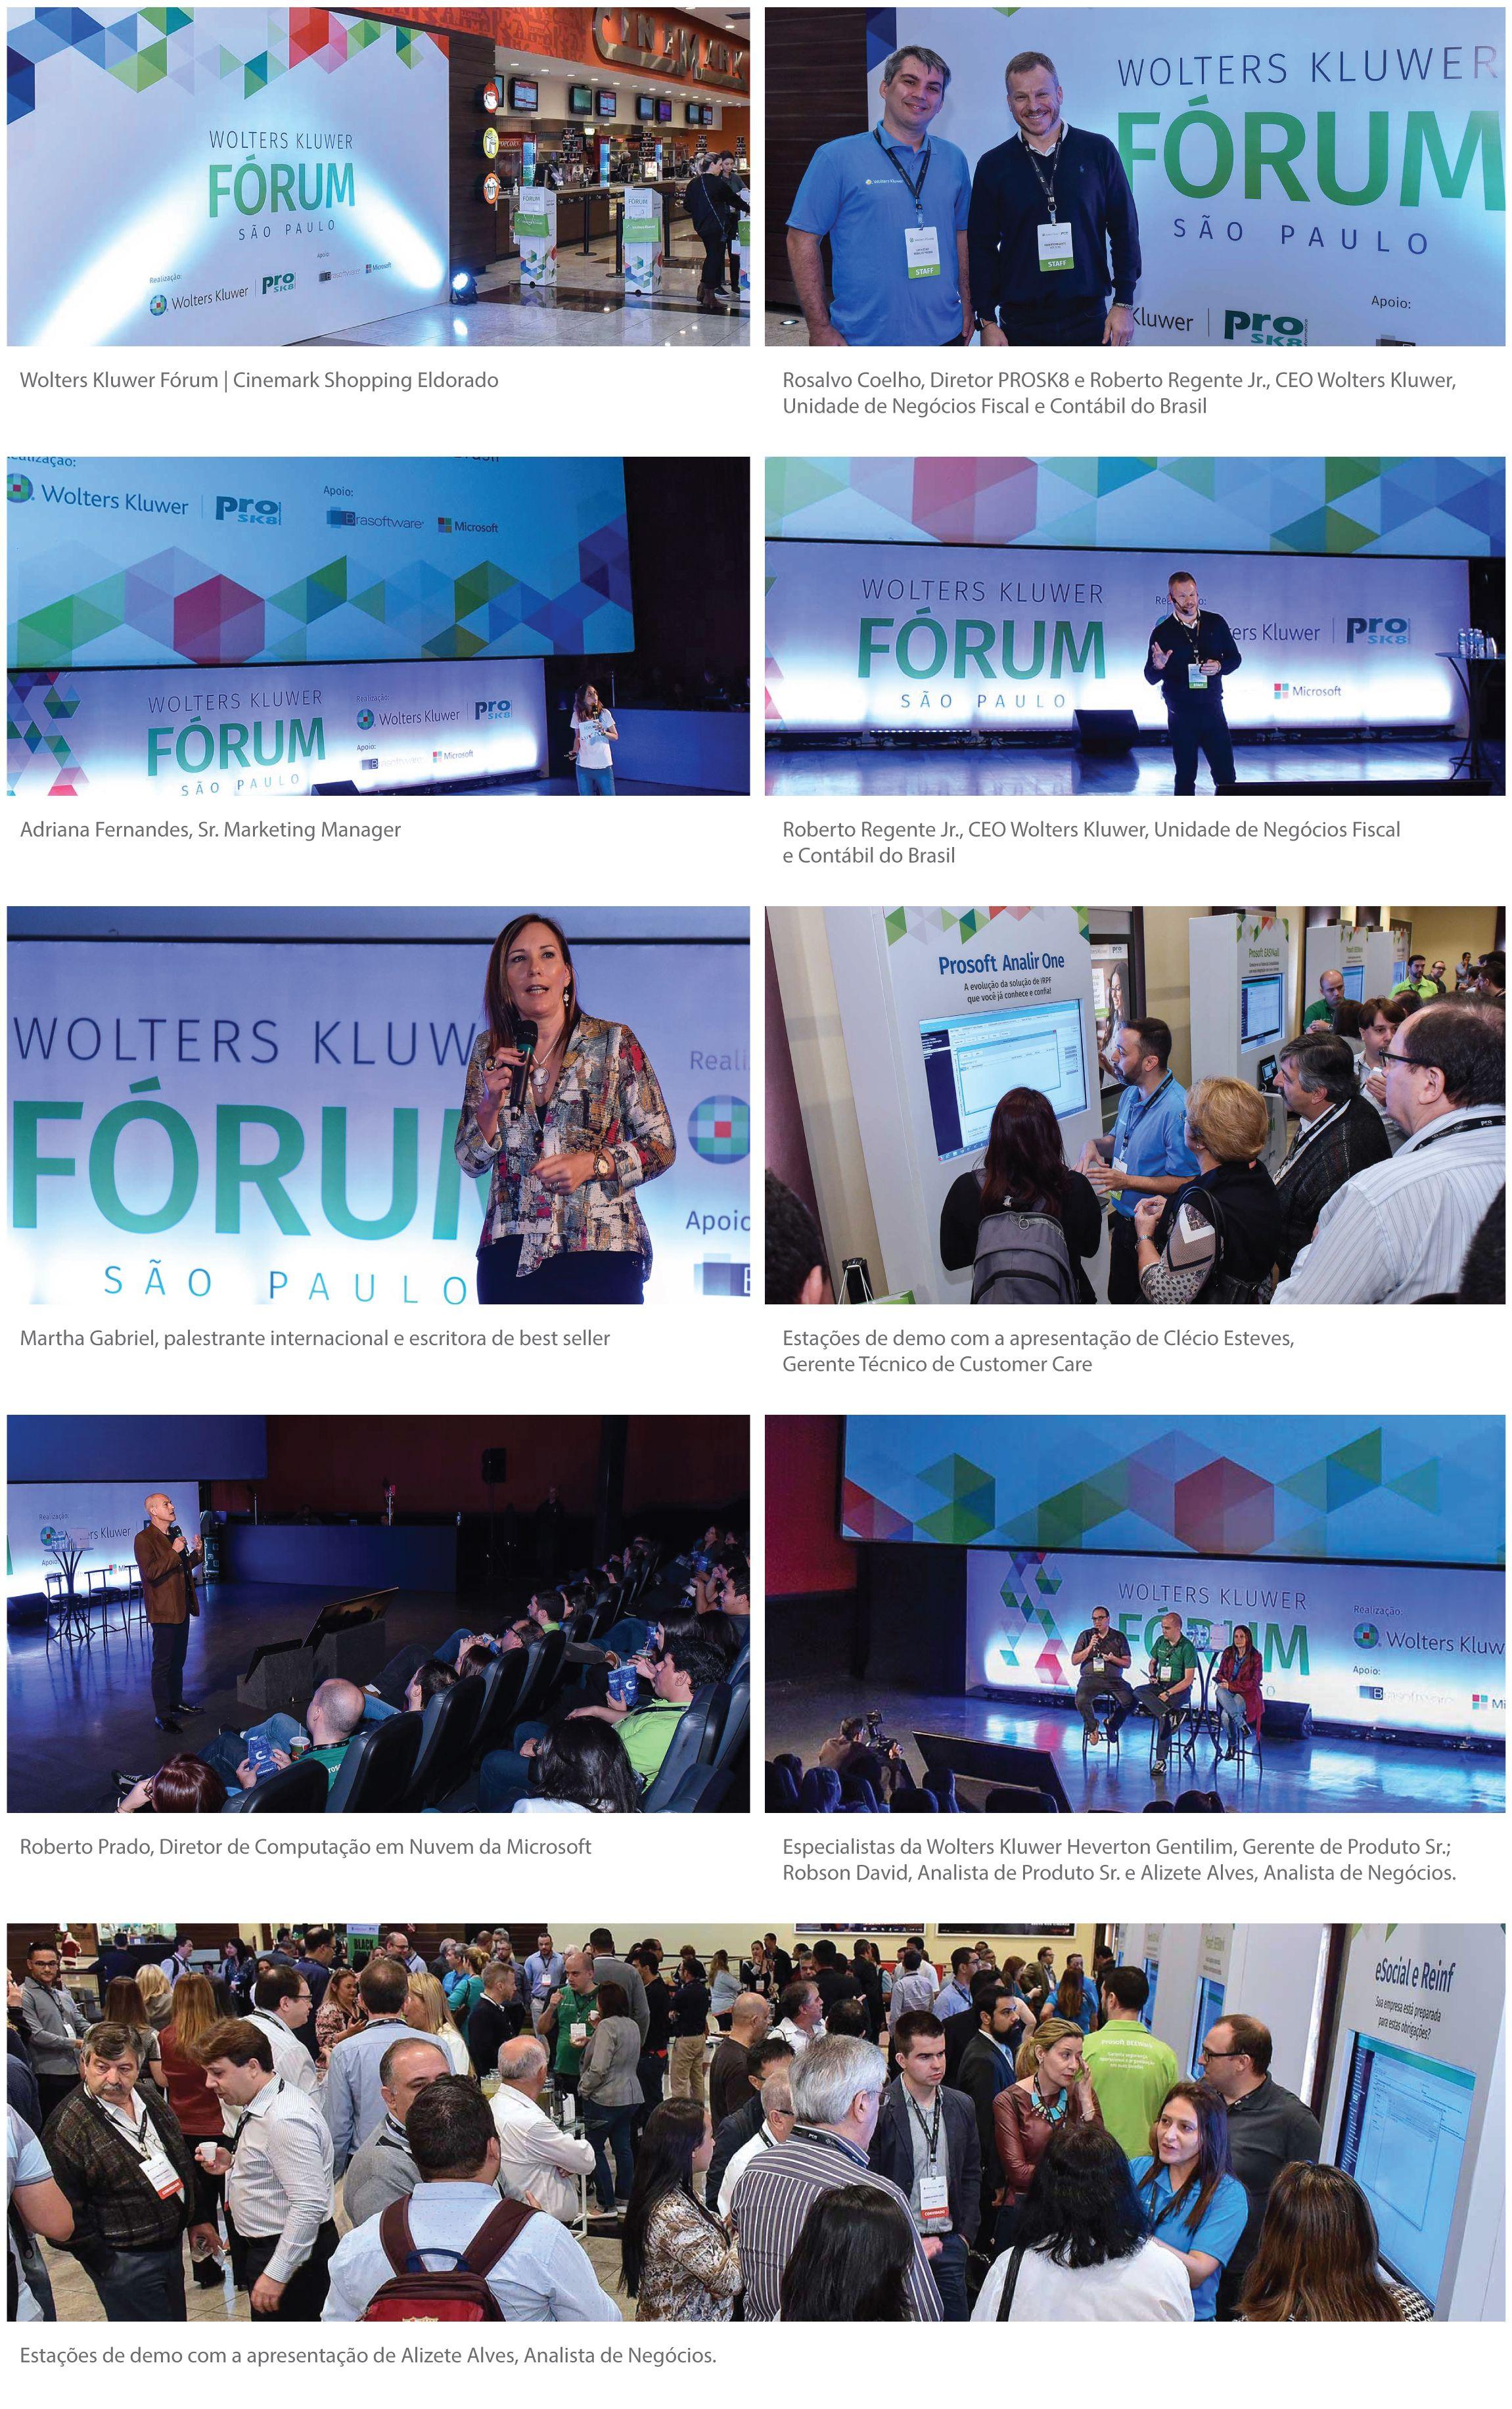 Imagem forum2 Prosoft Fórum, os novos rumos da Contabilidade no Brasil.